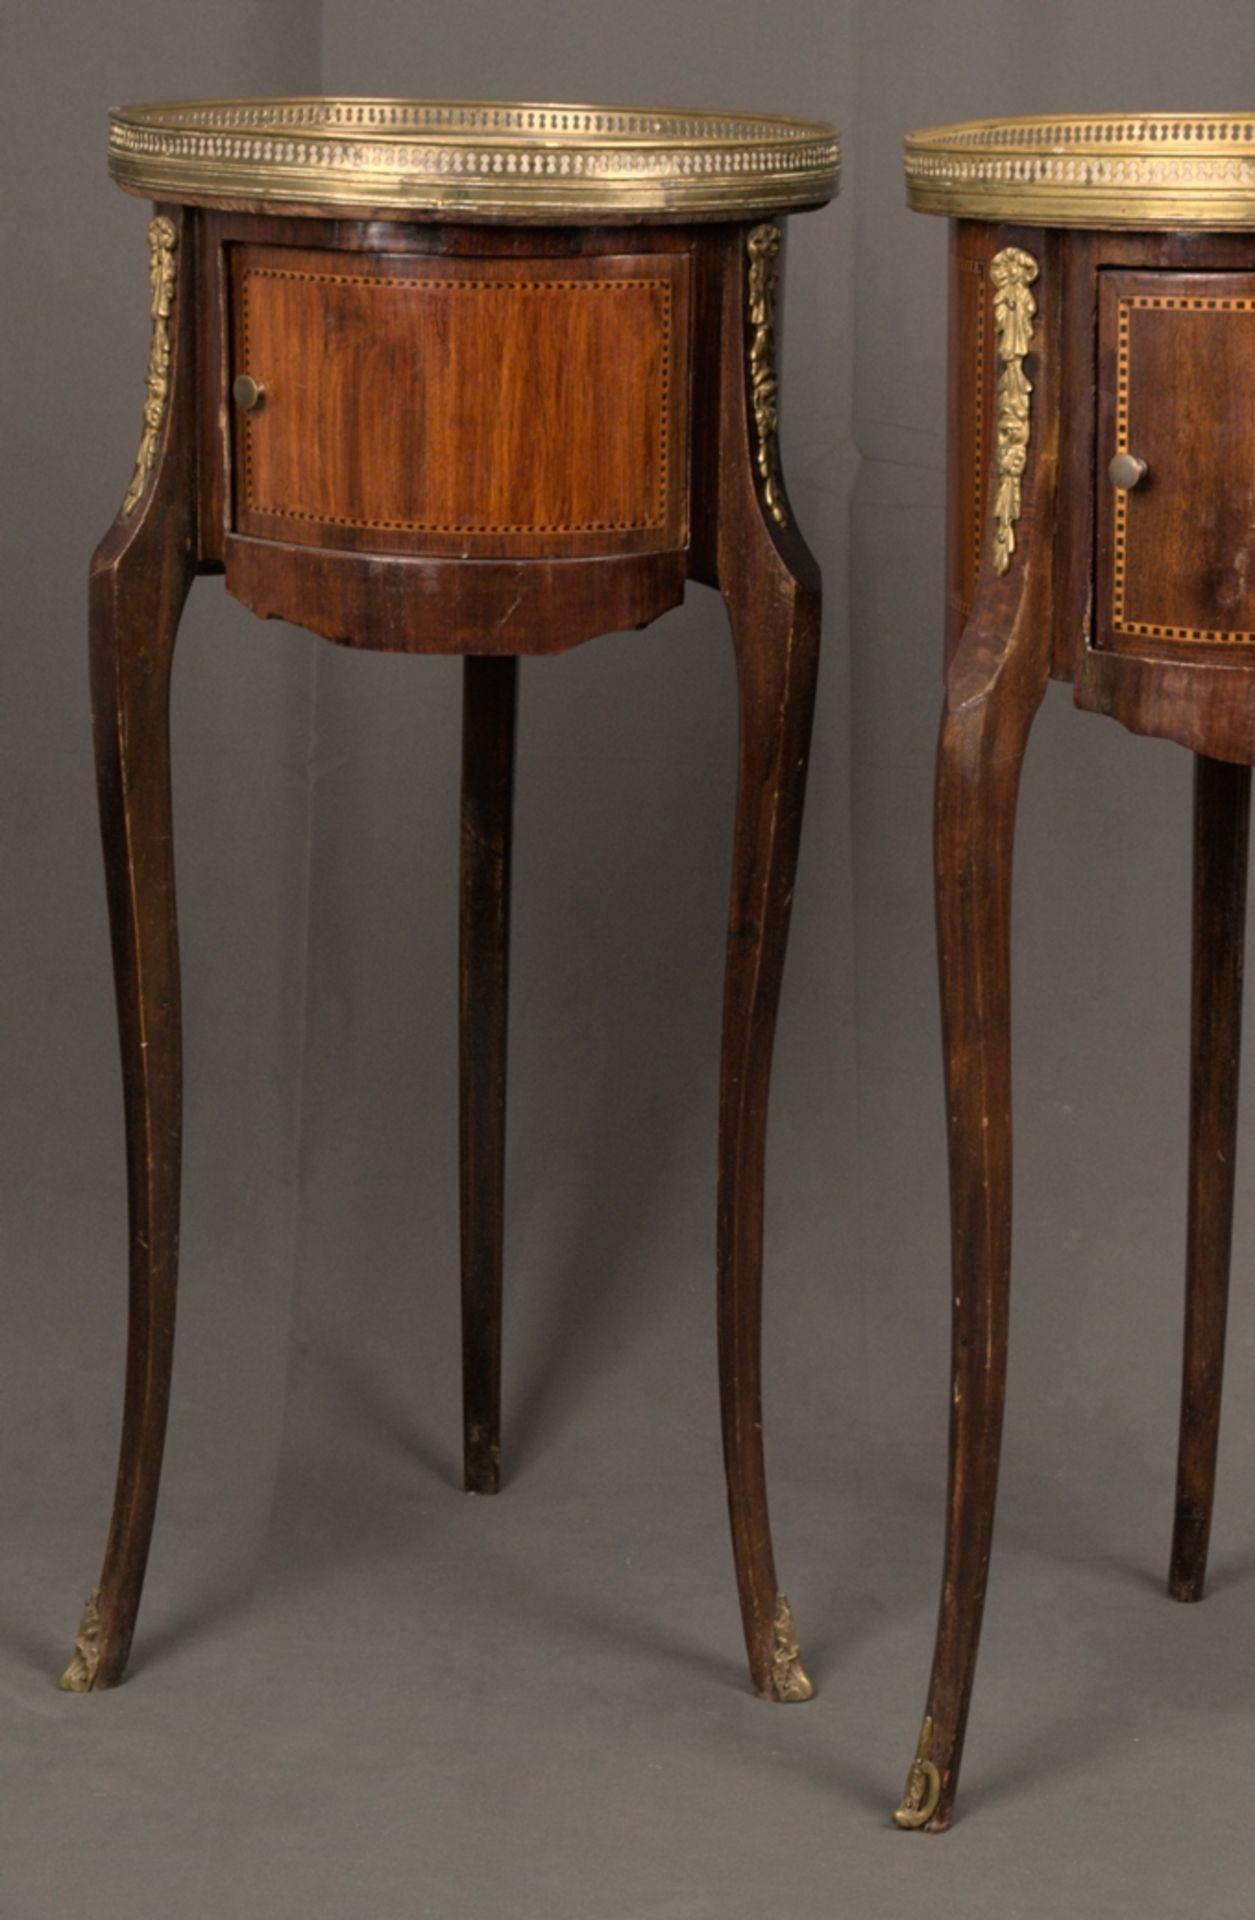 Paar eleganter, dreibeiniger Beistelltische sog. Gueridons, Frankreich 19./20. Jhd. Eintüriger - Bild 4 aus 19